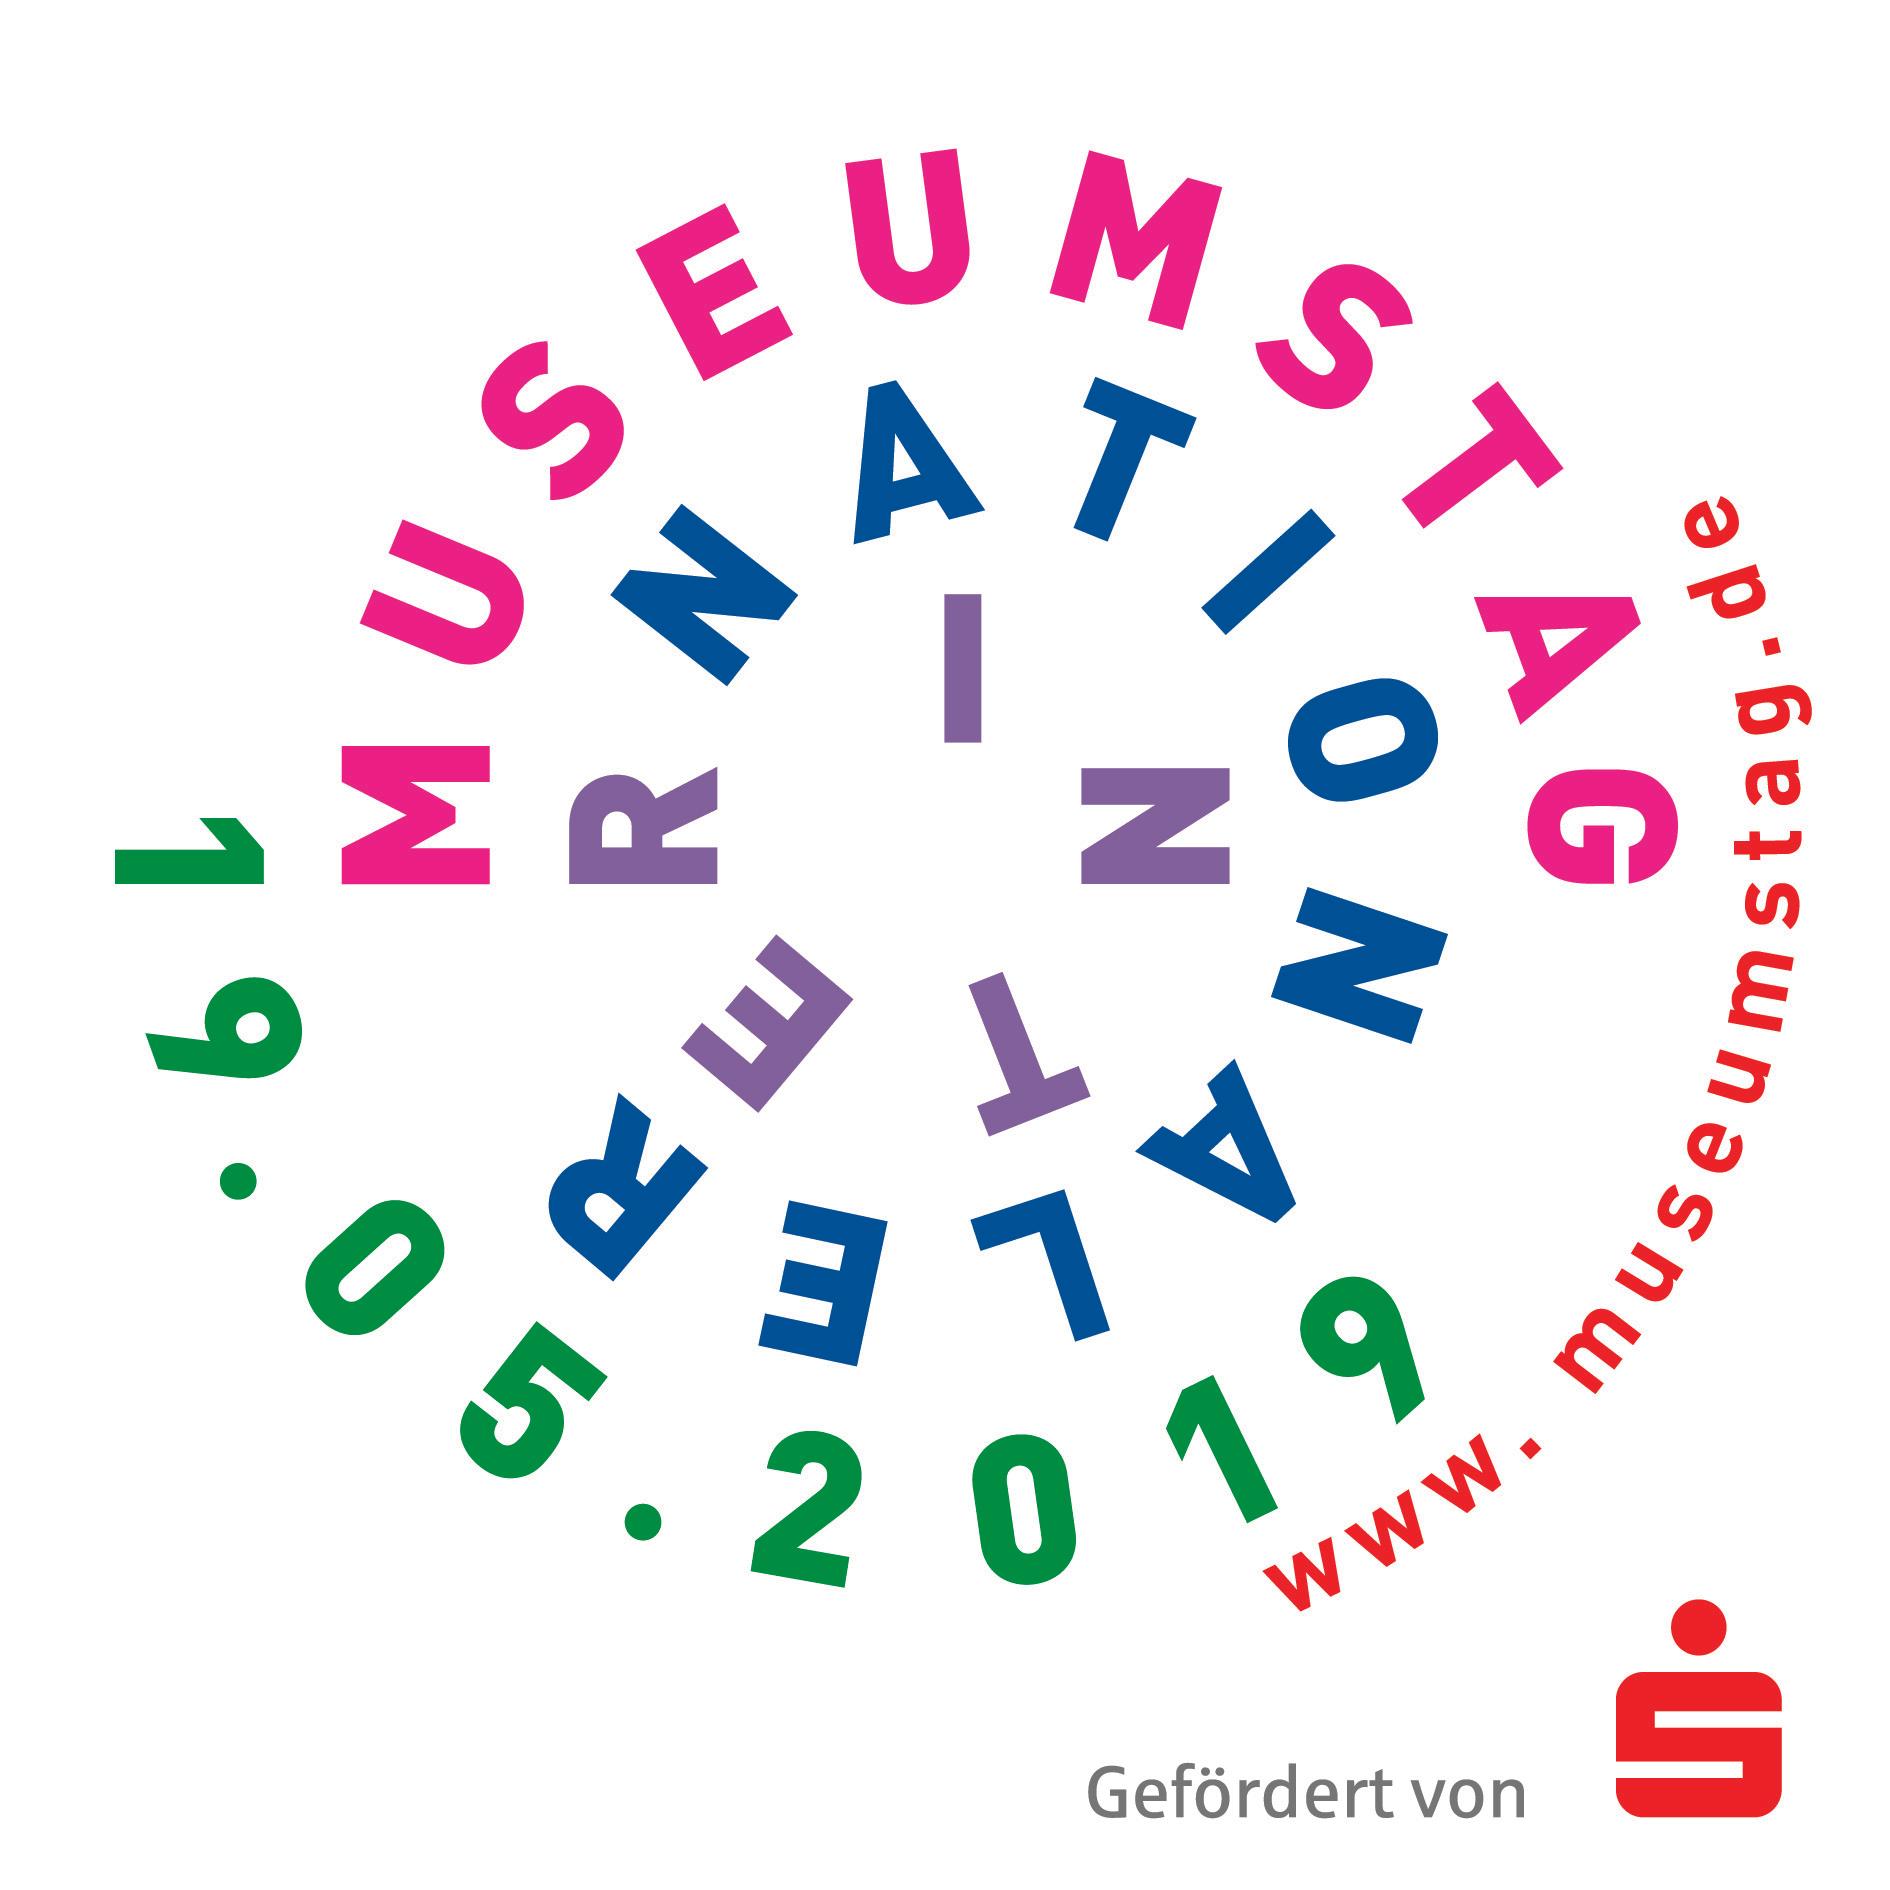 [Duitsland] 19 mei Internationale Museum-dag met gratis entree